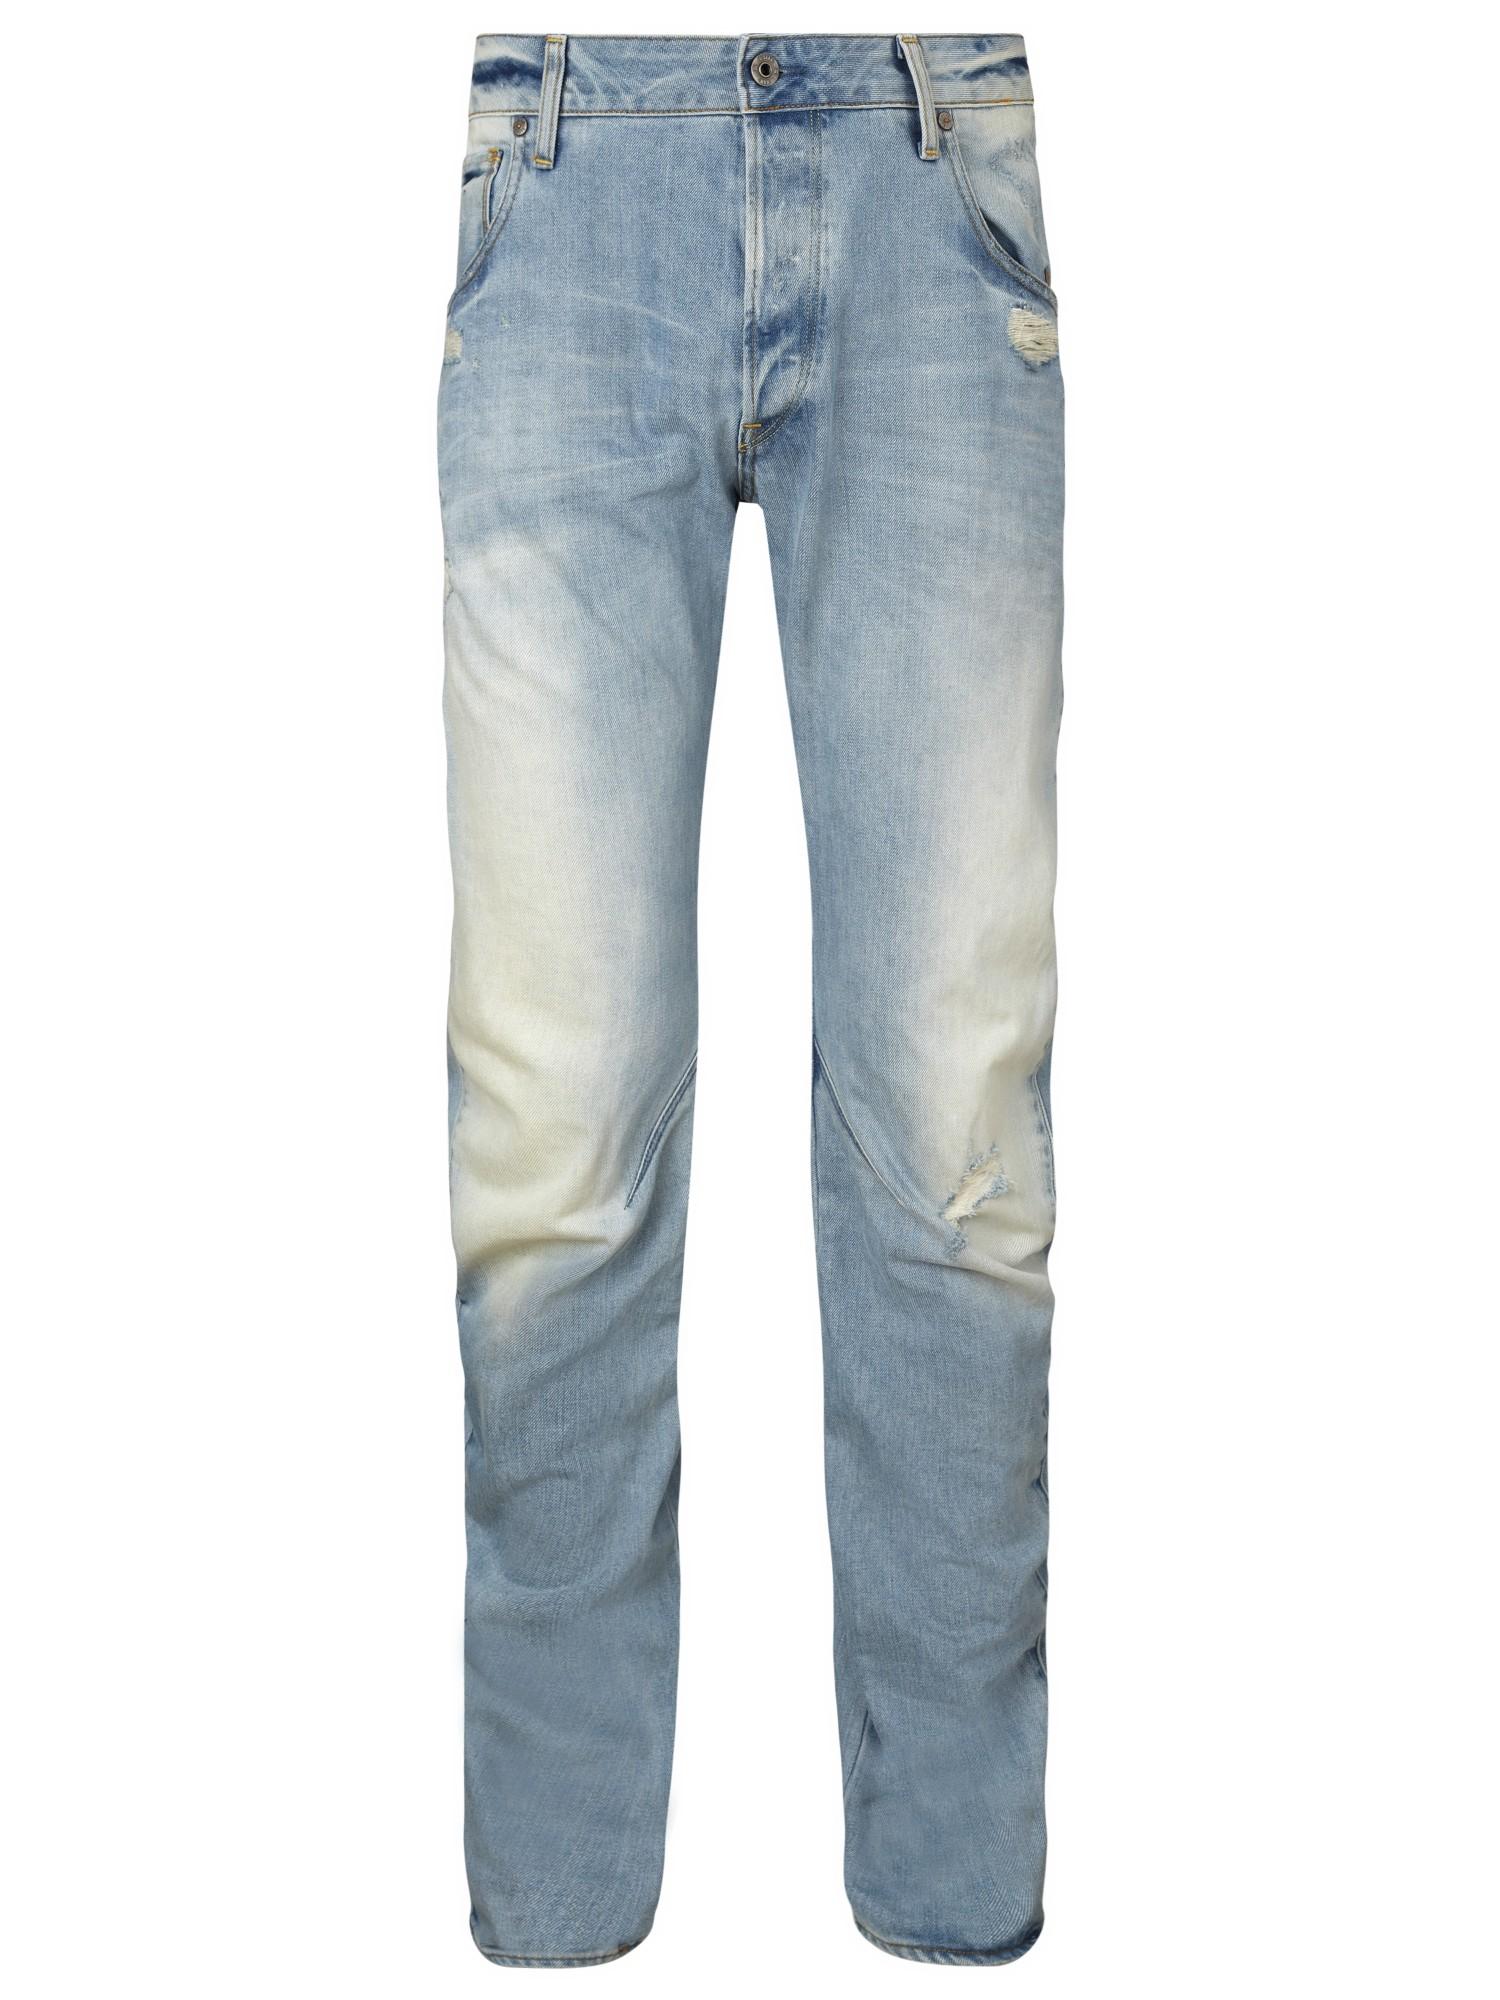 g star raw arc 3d slim jeans in blue for men lyst. Black Bedroom Furniture Sets. Home Design Ideas